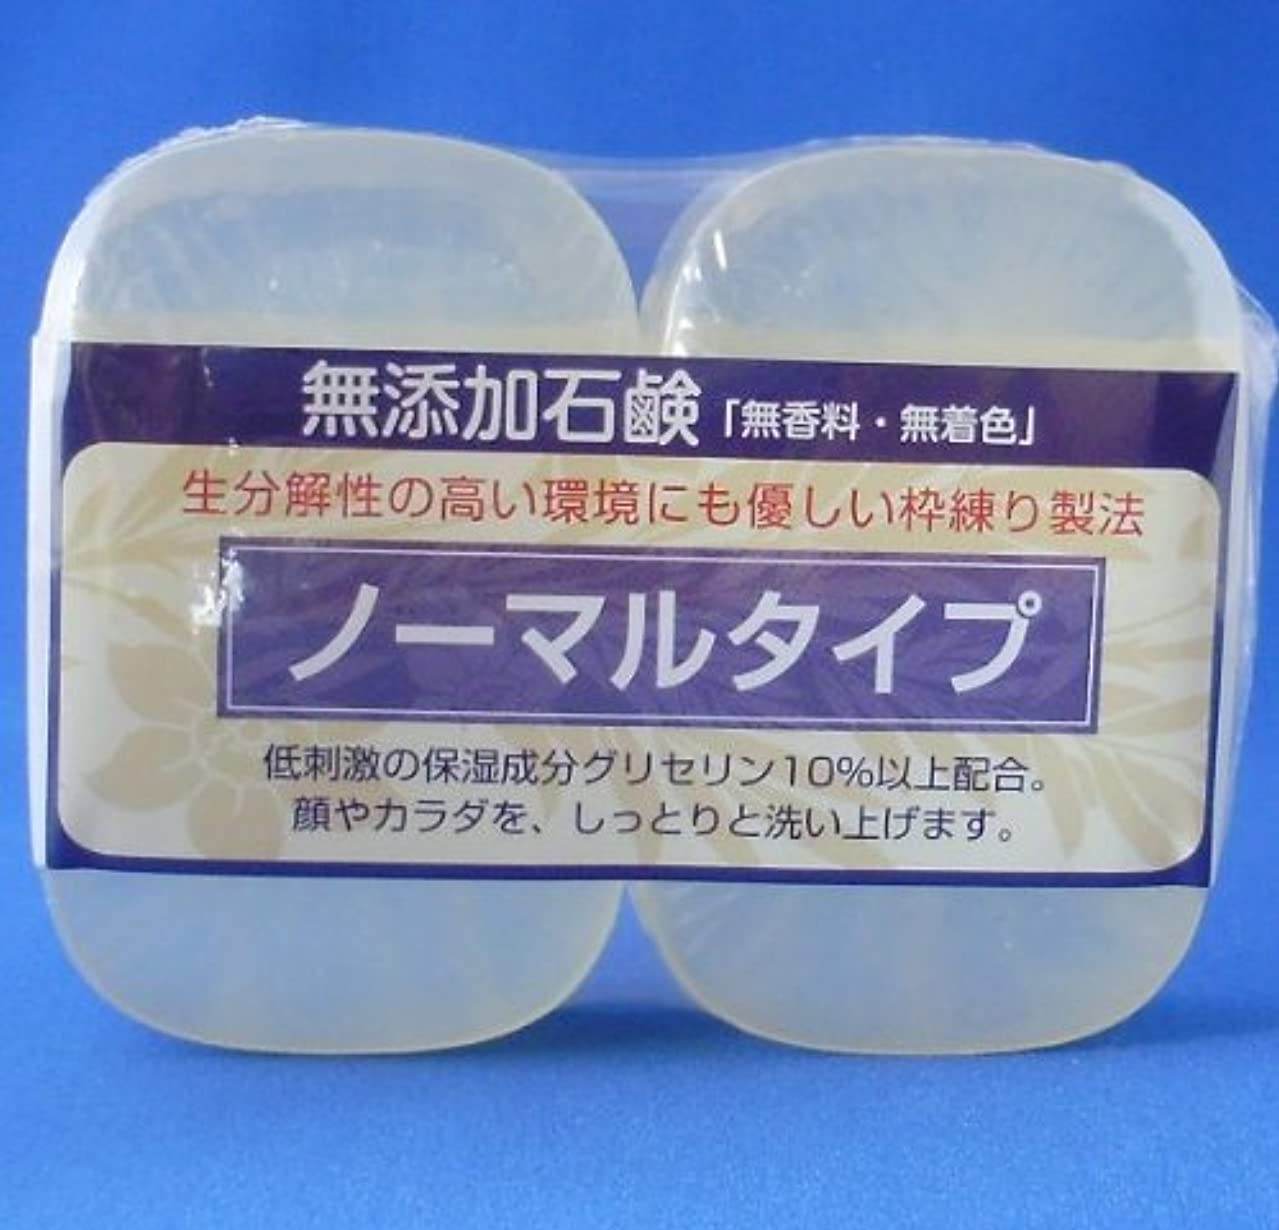 メニュー将来の統合する無添加石鹸 ノーマルタイプ 90g×2個